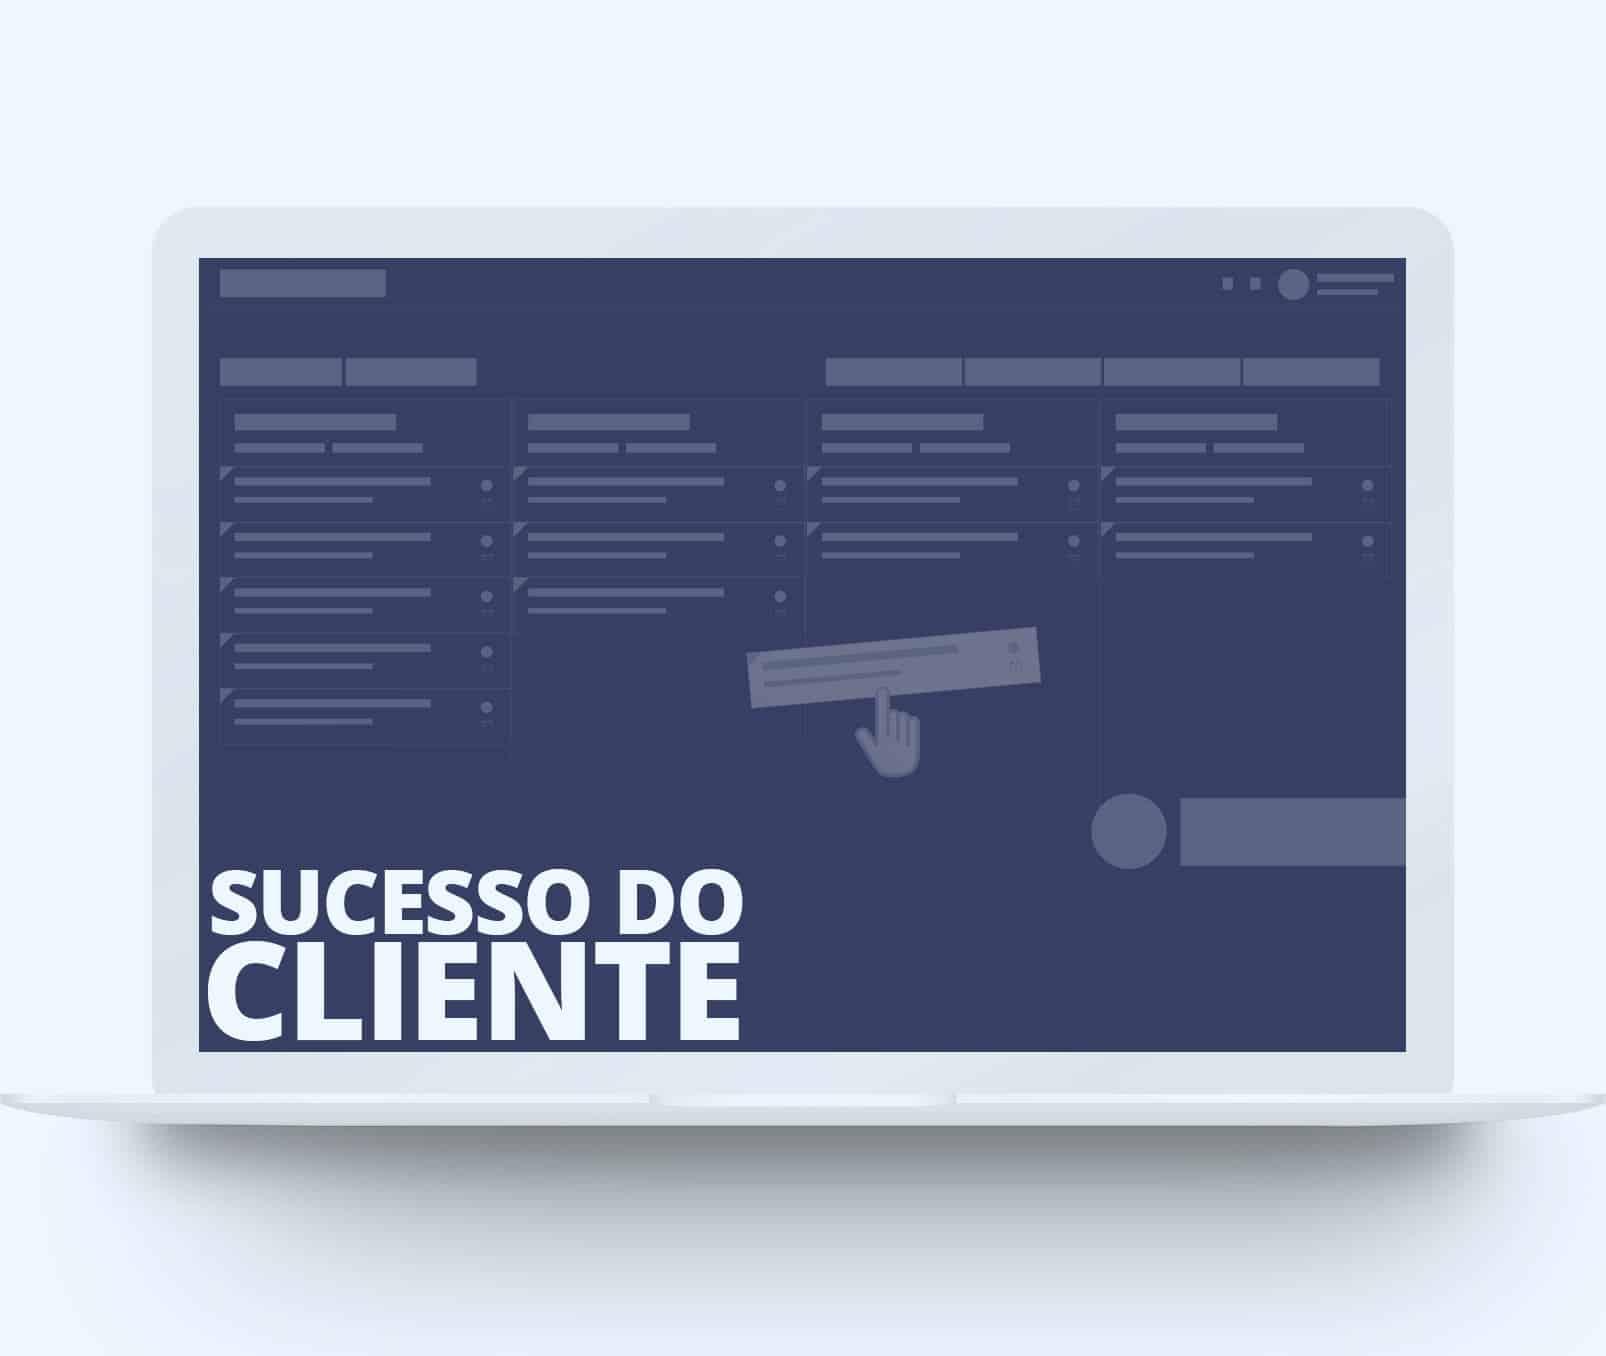 sucesso-do-cliente-funil-de-vendas Funcionalidades